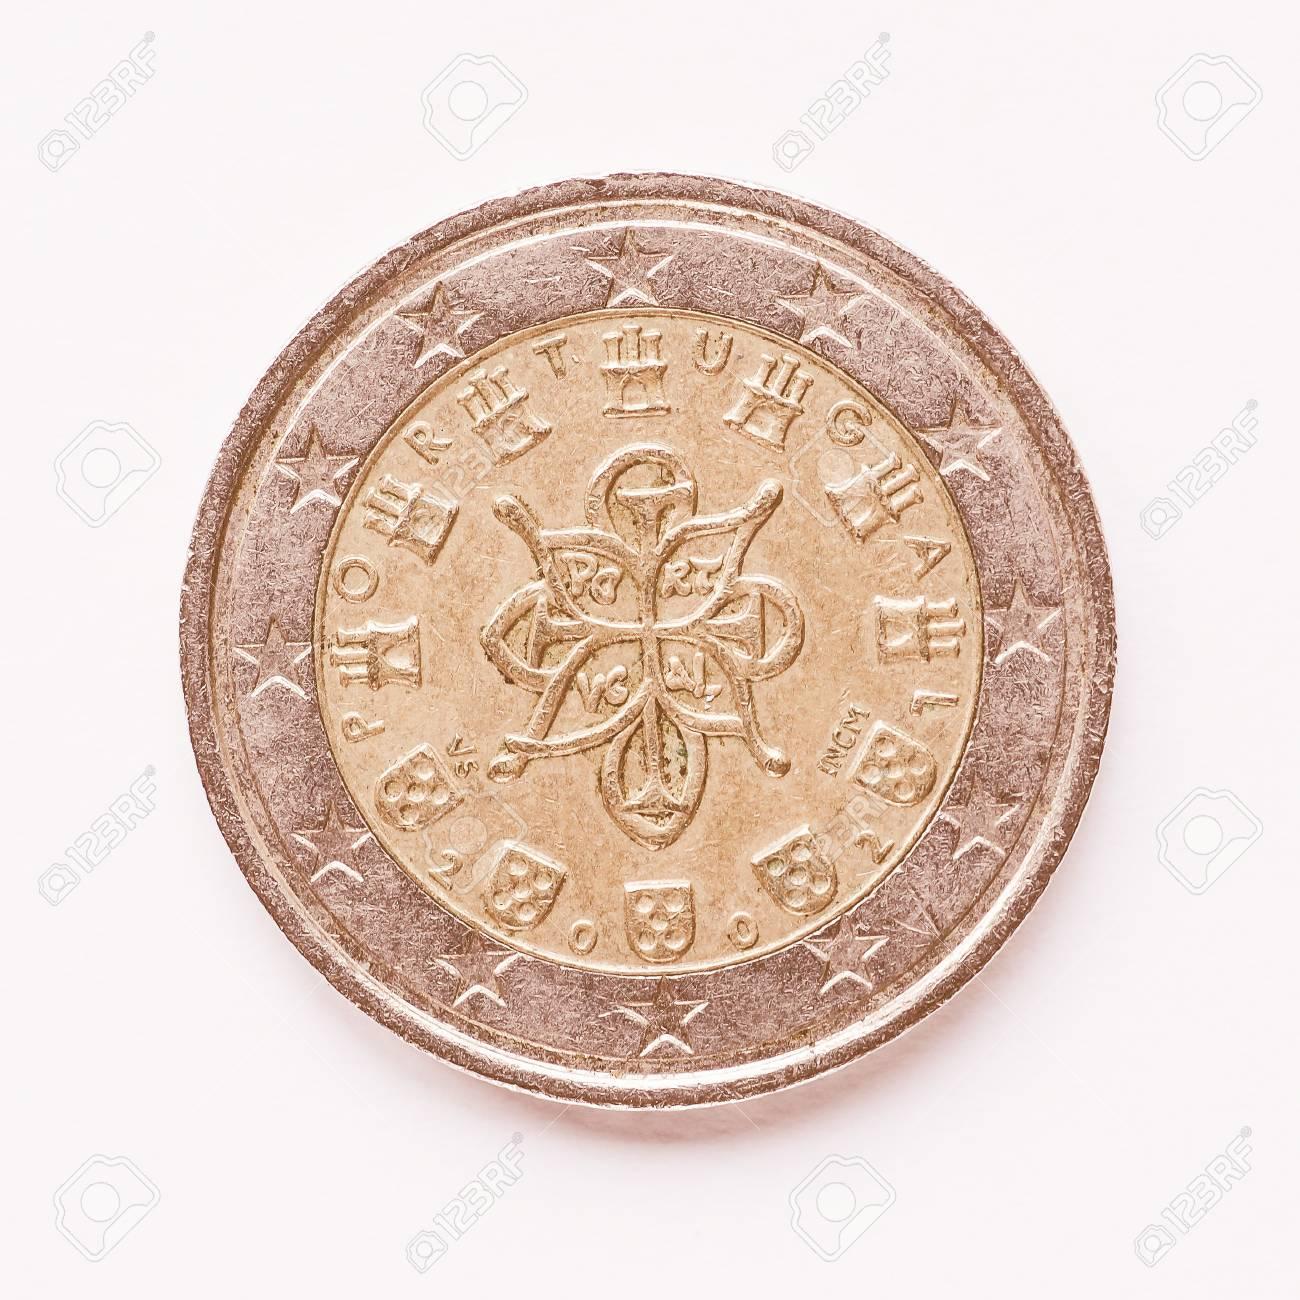 Währung Von Europa 2 Euro Münze Aus Portugal Vintage Lizenzfreie